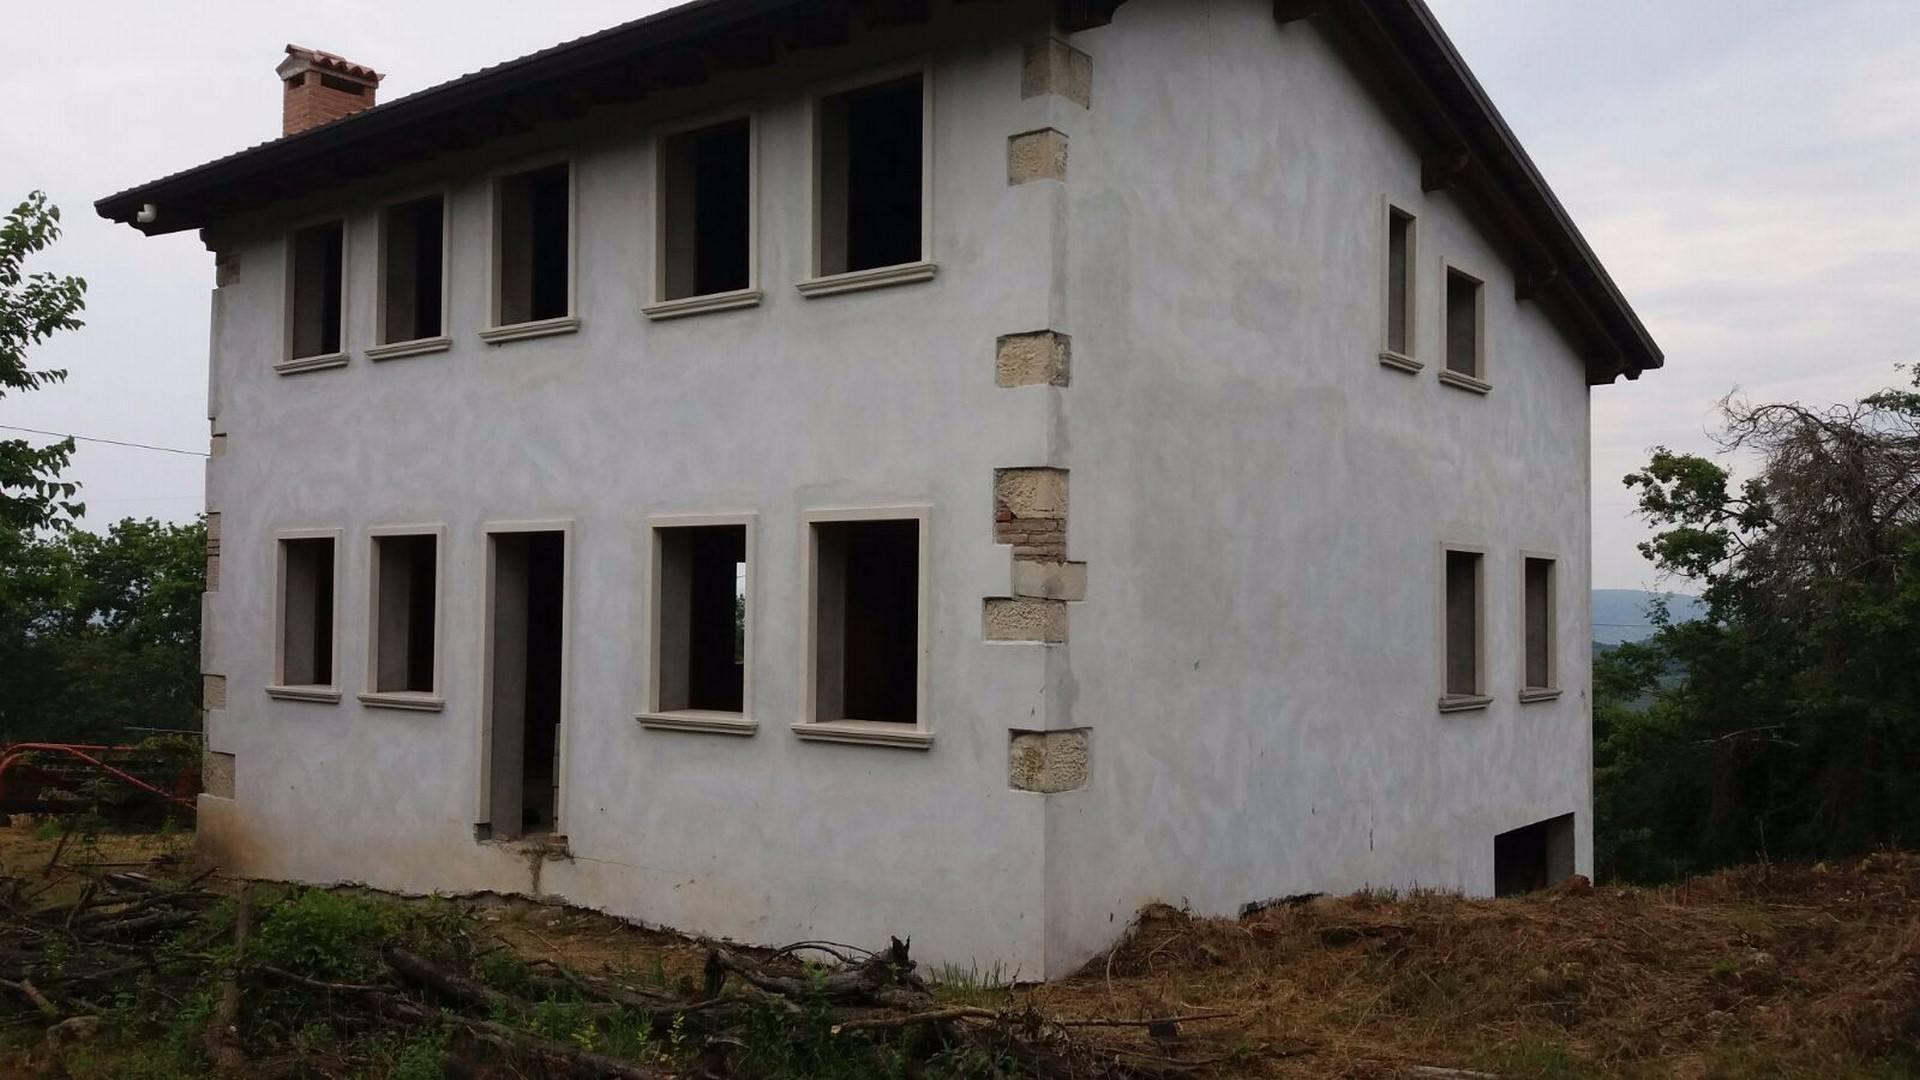 Soluzione Indipendente in vendita a Sarego, 6 locali, prezzo € 360.000 | CambioCasa.it